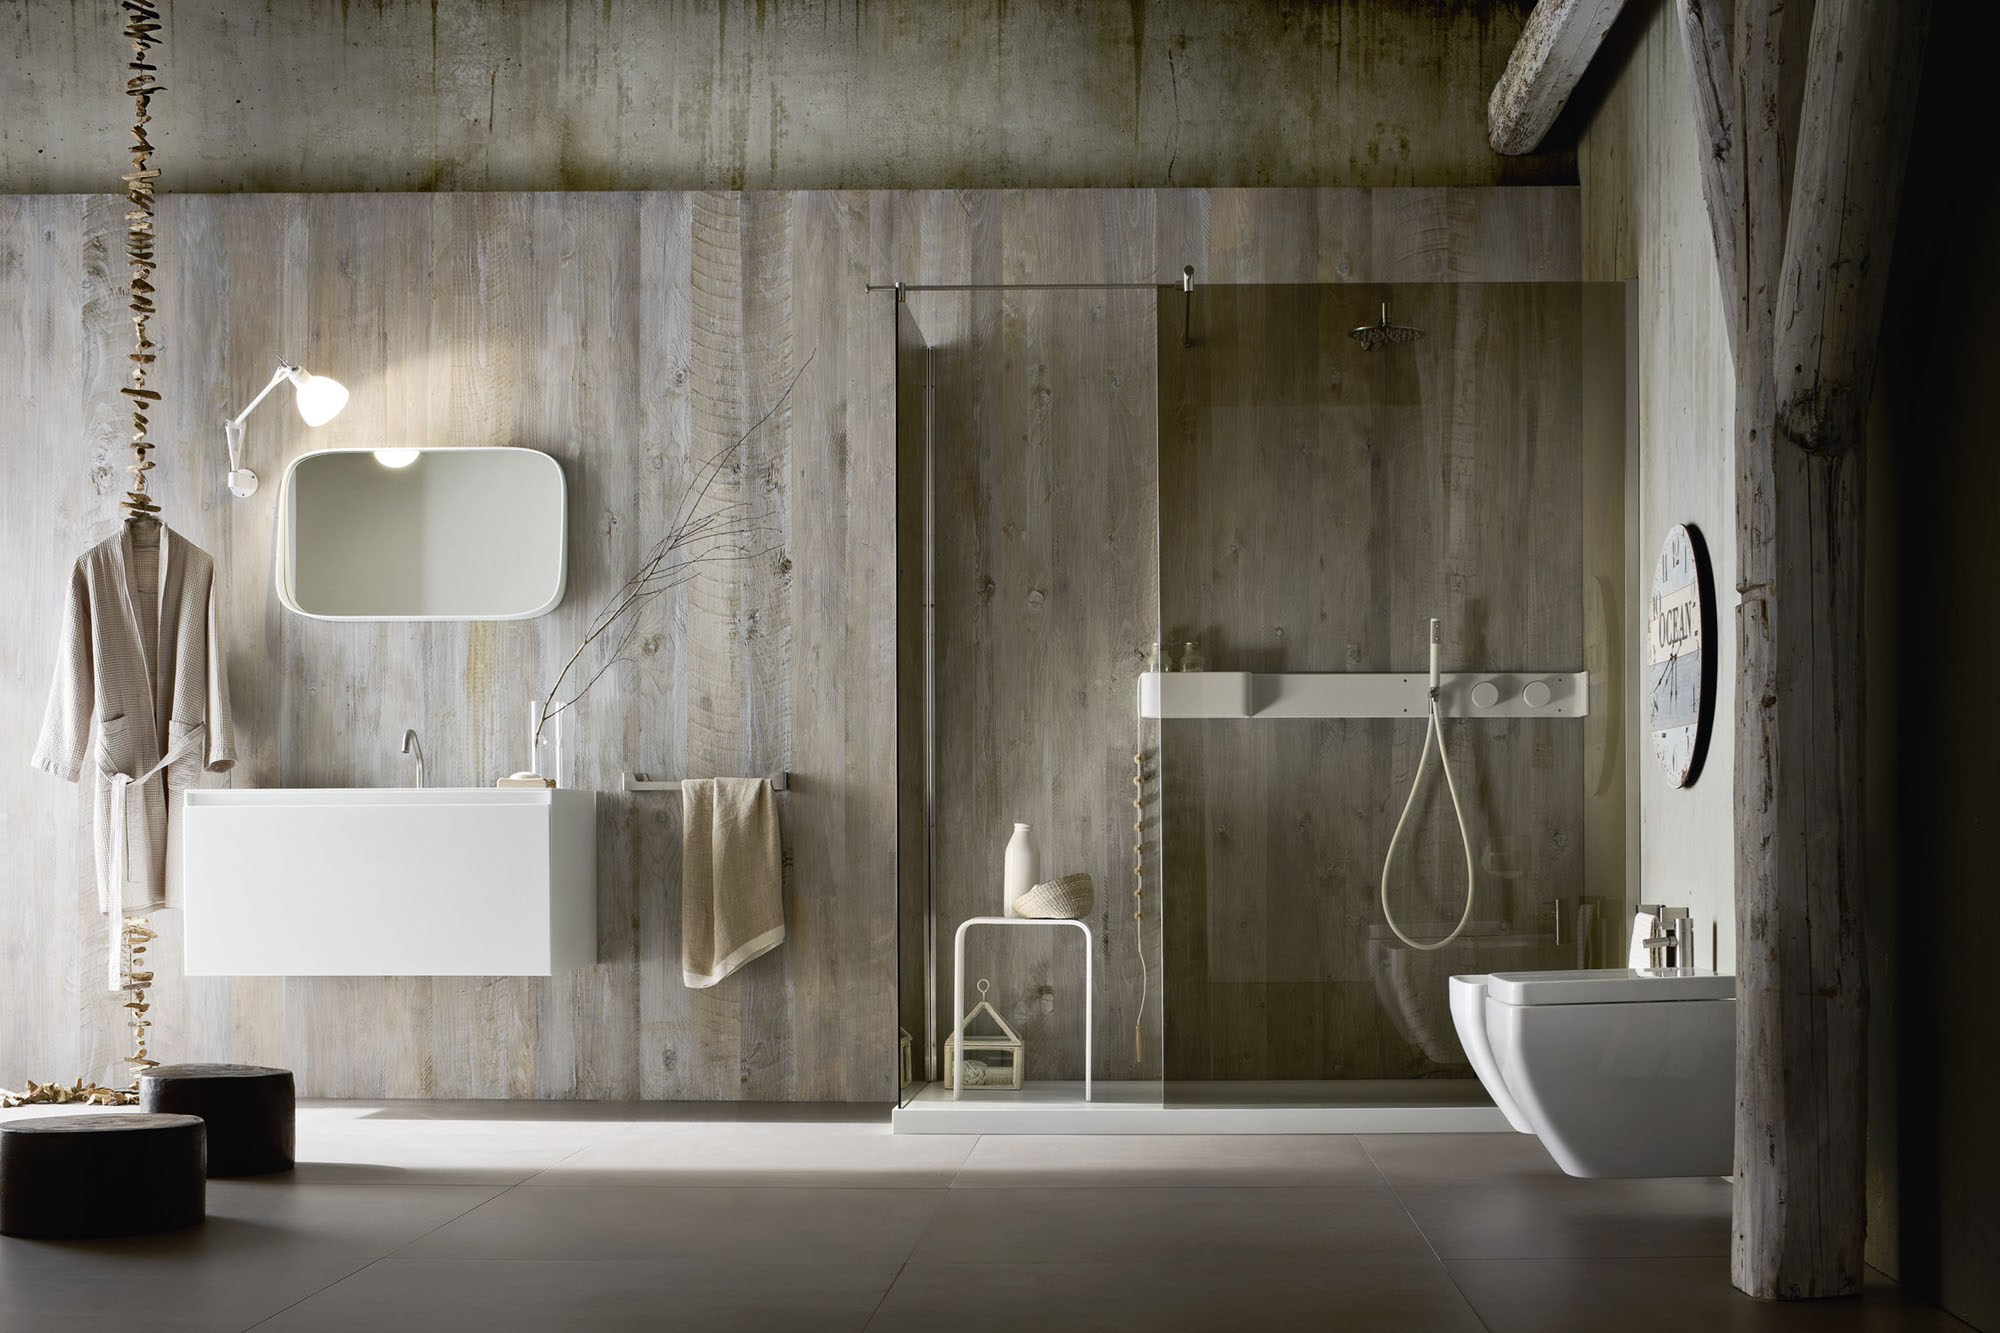 choisir le bon meuble pour sa salle de bain. Black Bedroom Furniture Sets. Home Design Ideas